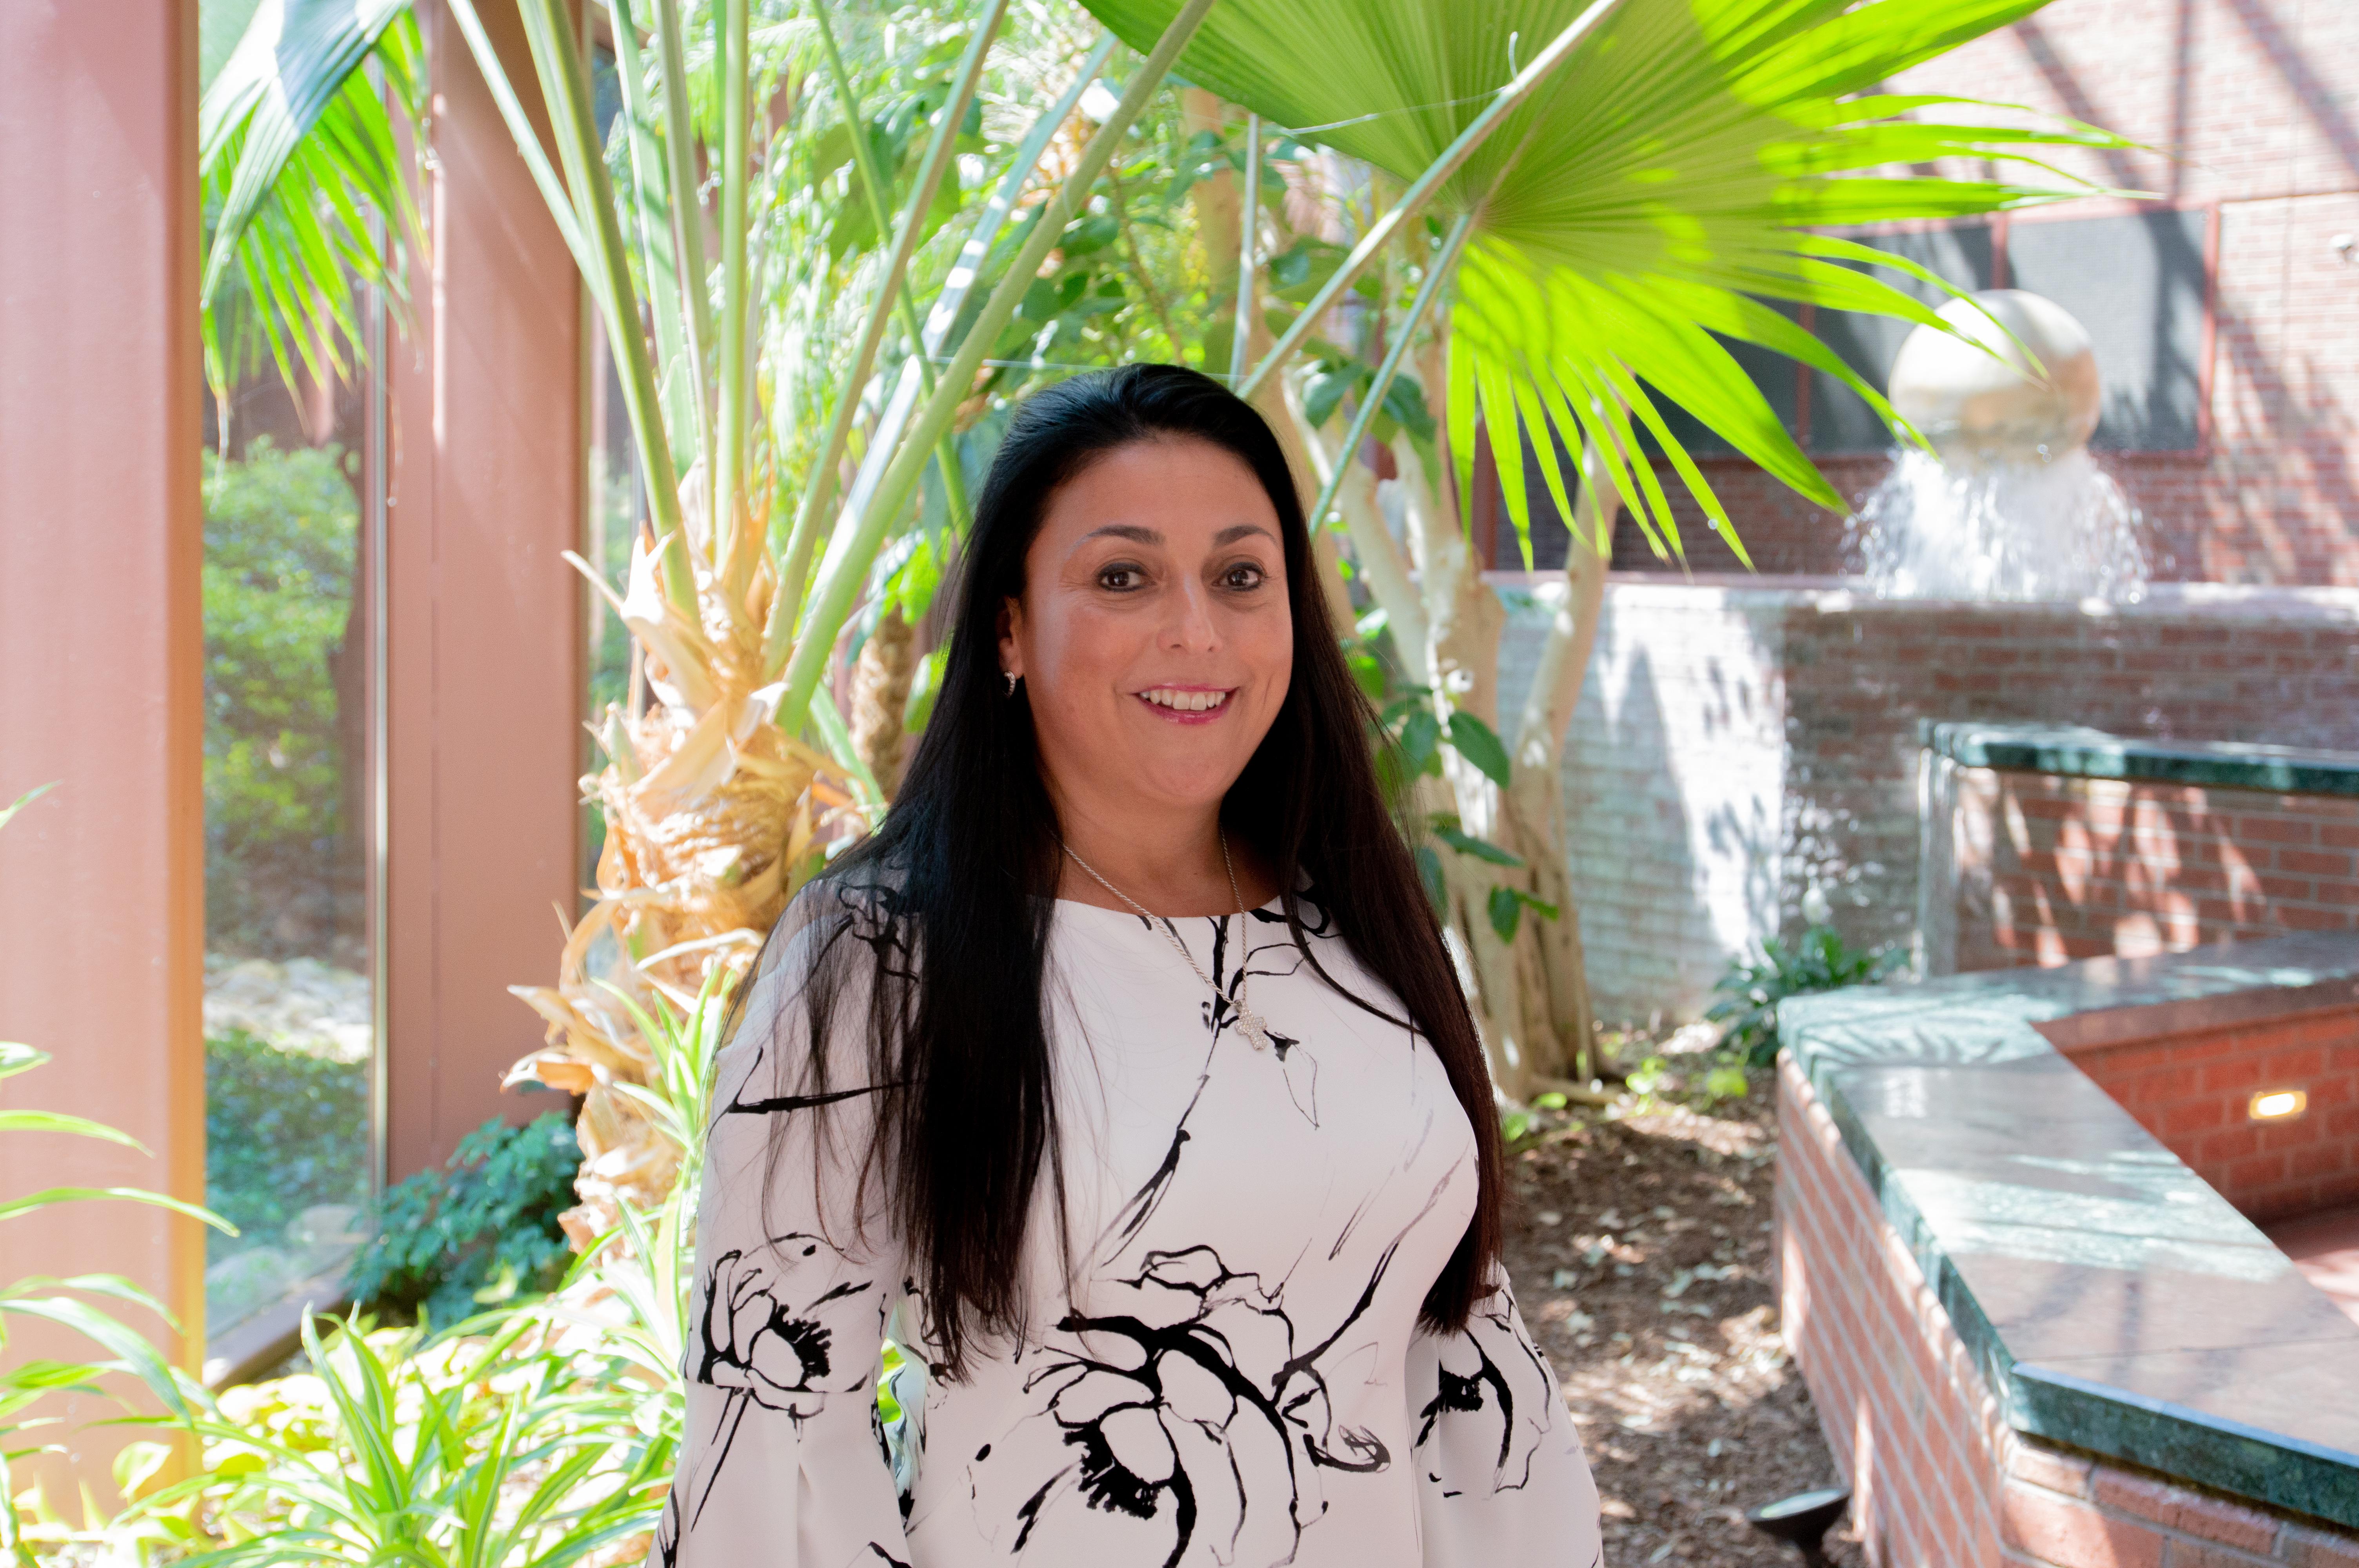 Monica Pujol-Nassif